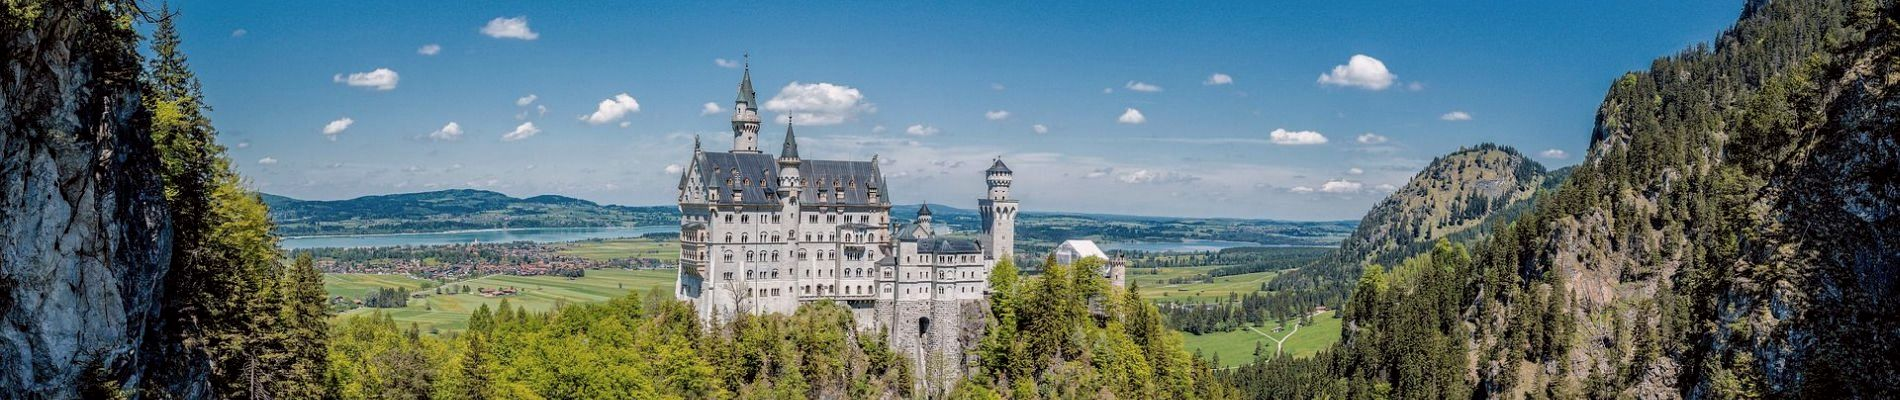 Blick auf Schloss Neuschwanstein im Hintergrund der Forggensee